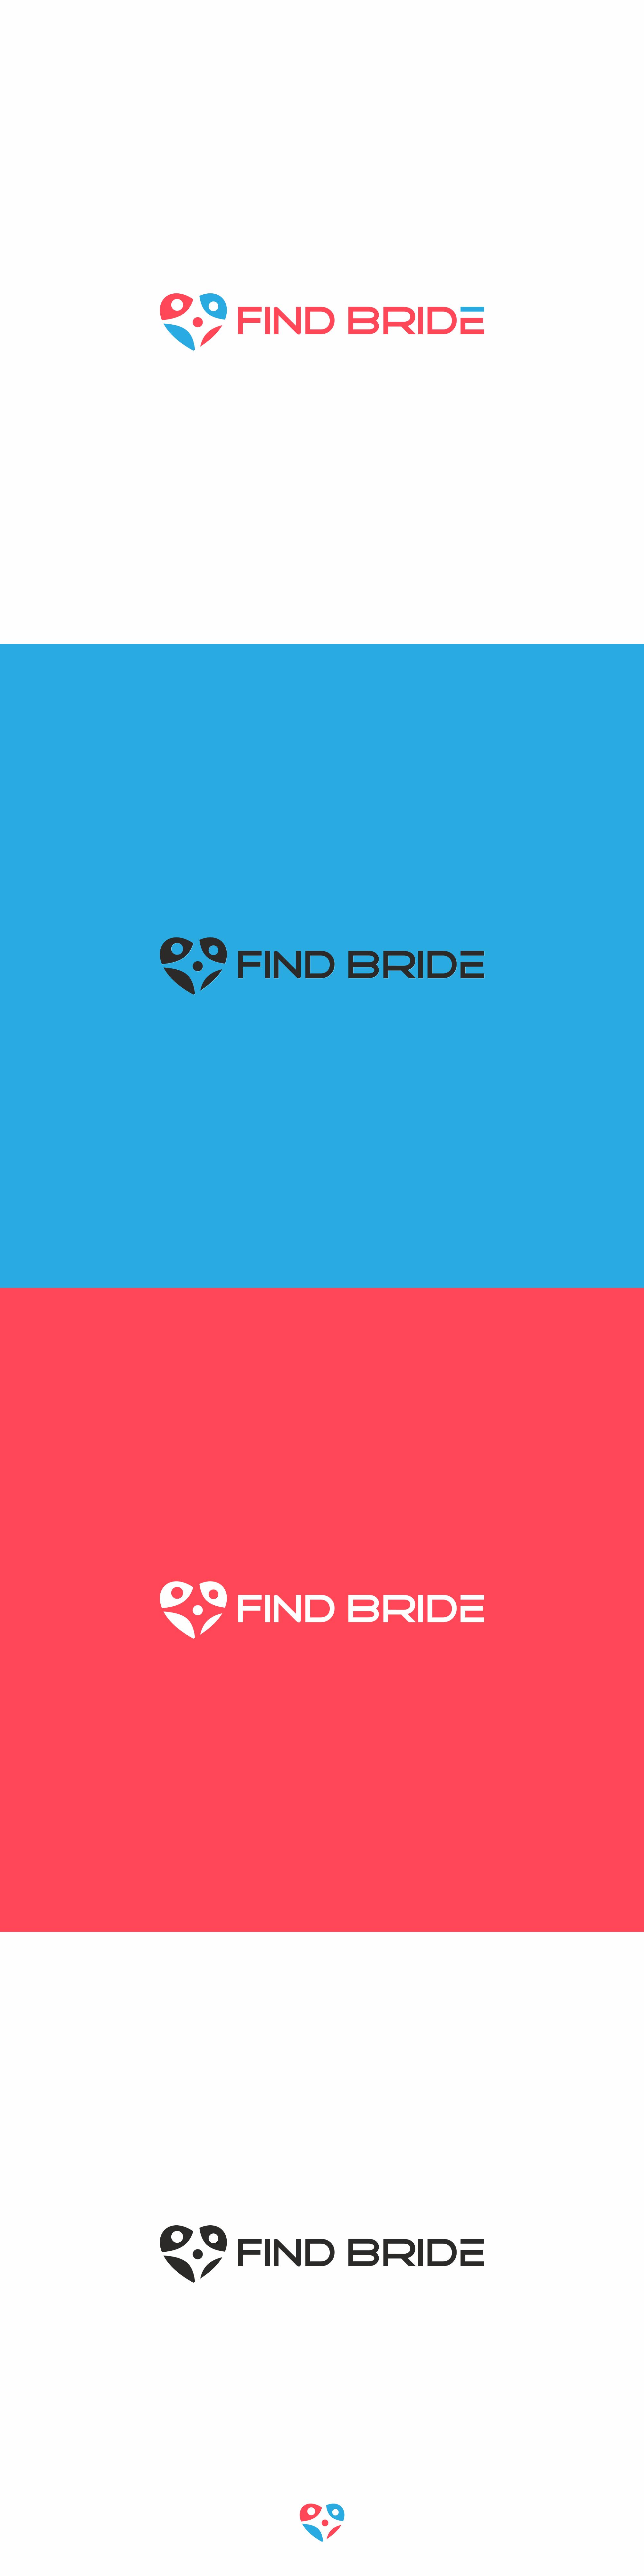 Нарисовать логотип сайта знакомств фото f_5865ad64704bad11.jpg